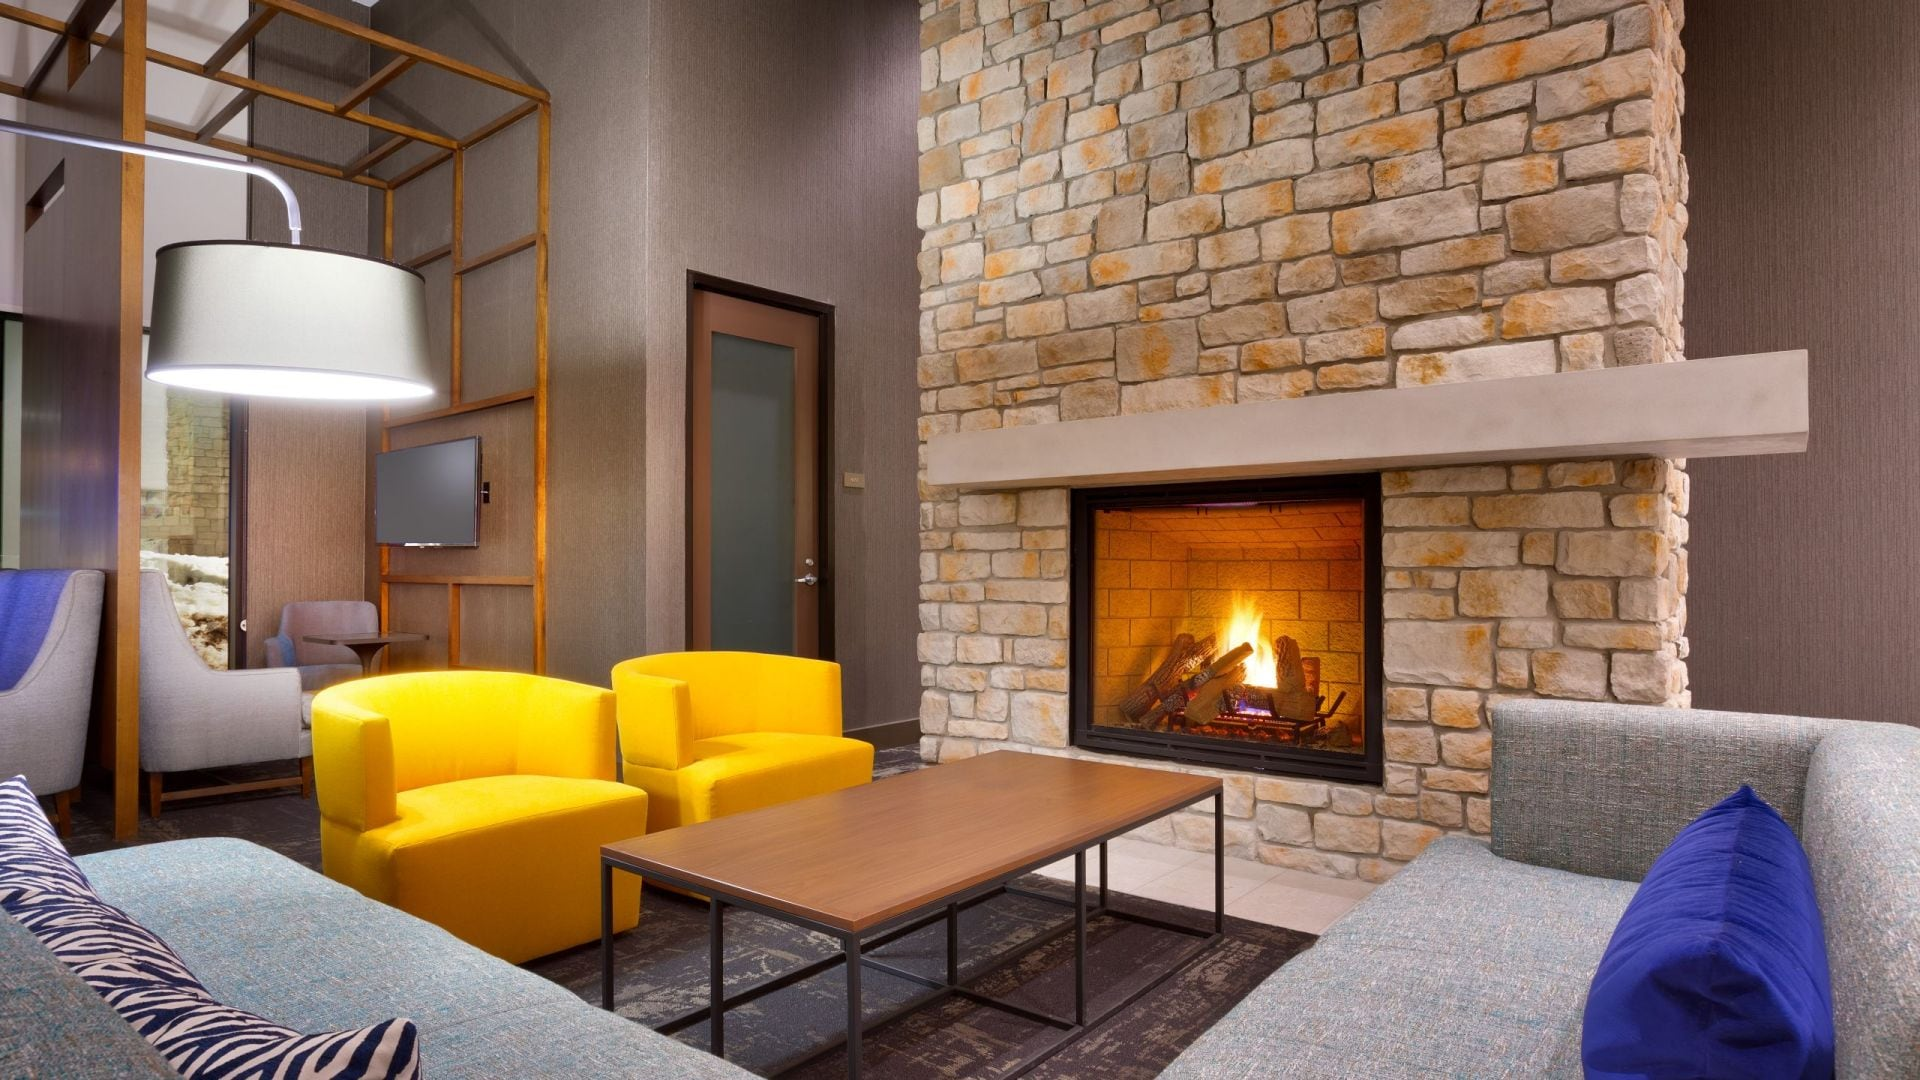 Hyatt Place Park City Fireplace